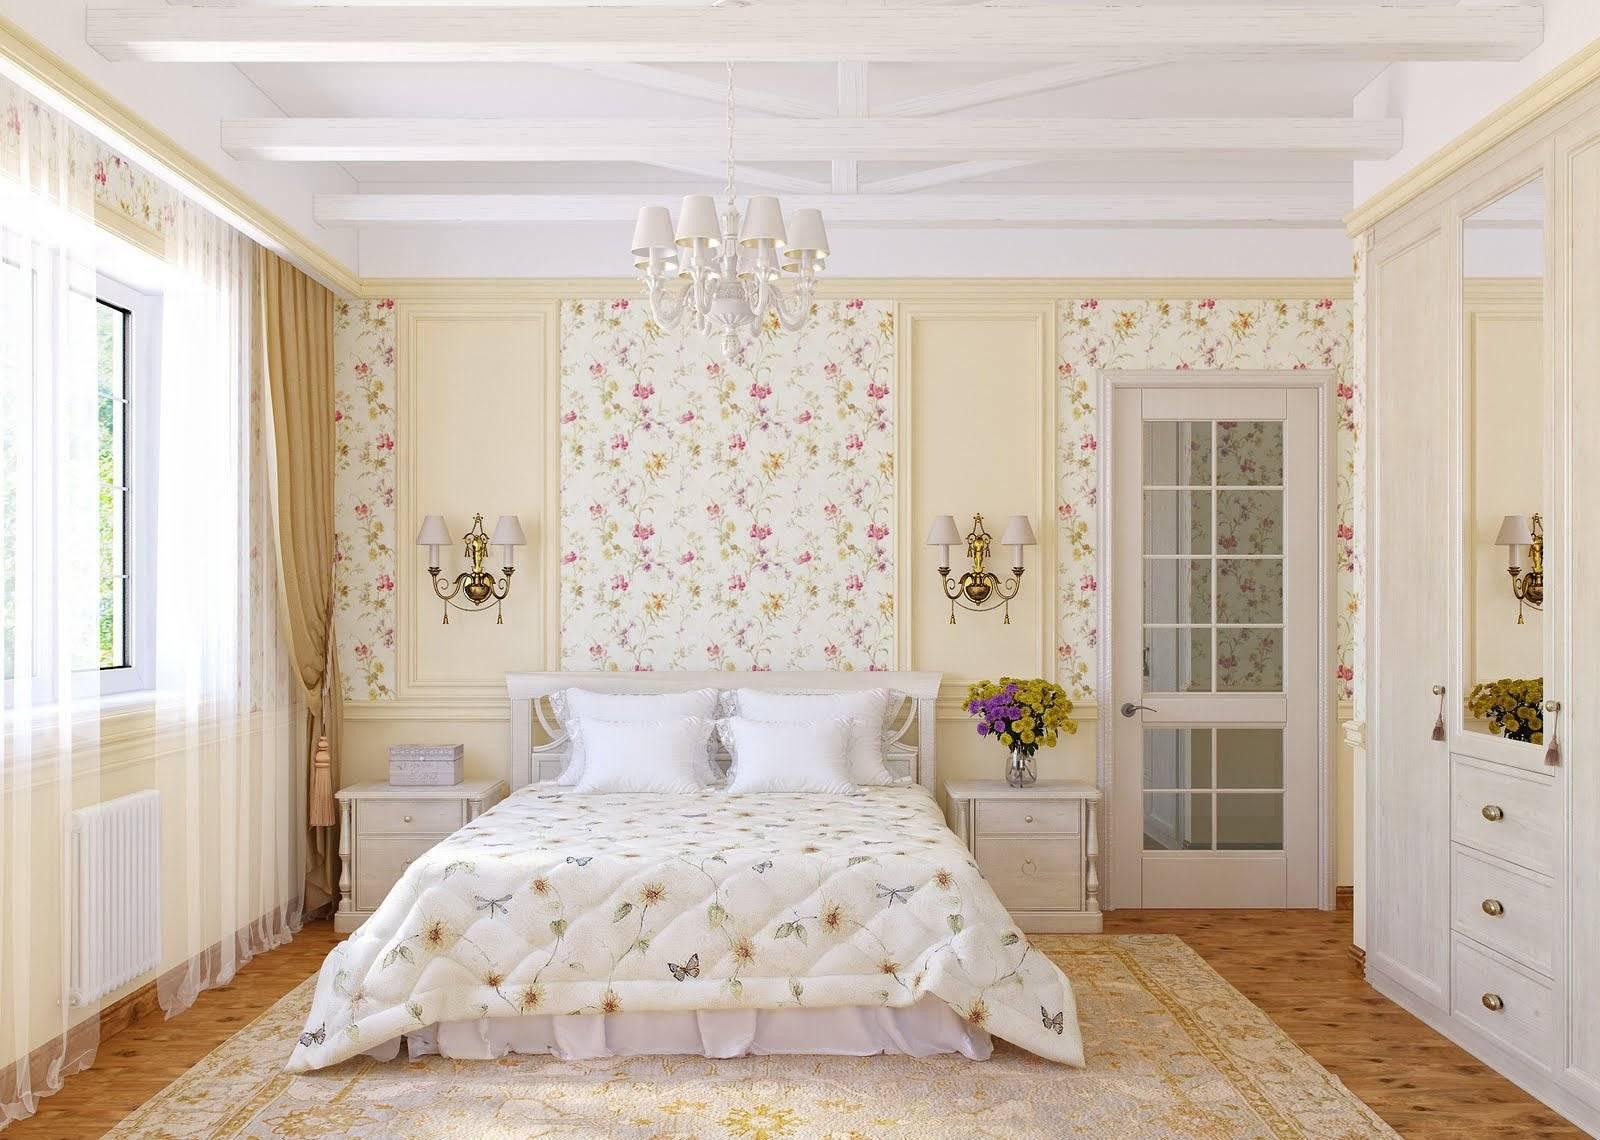 Обои для спальни: выбор, правила комбинирования, фото